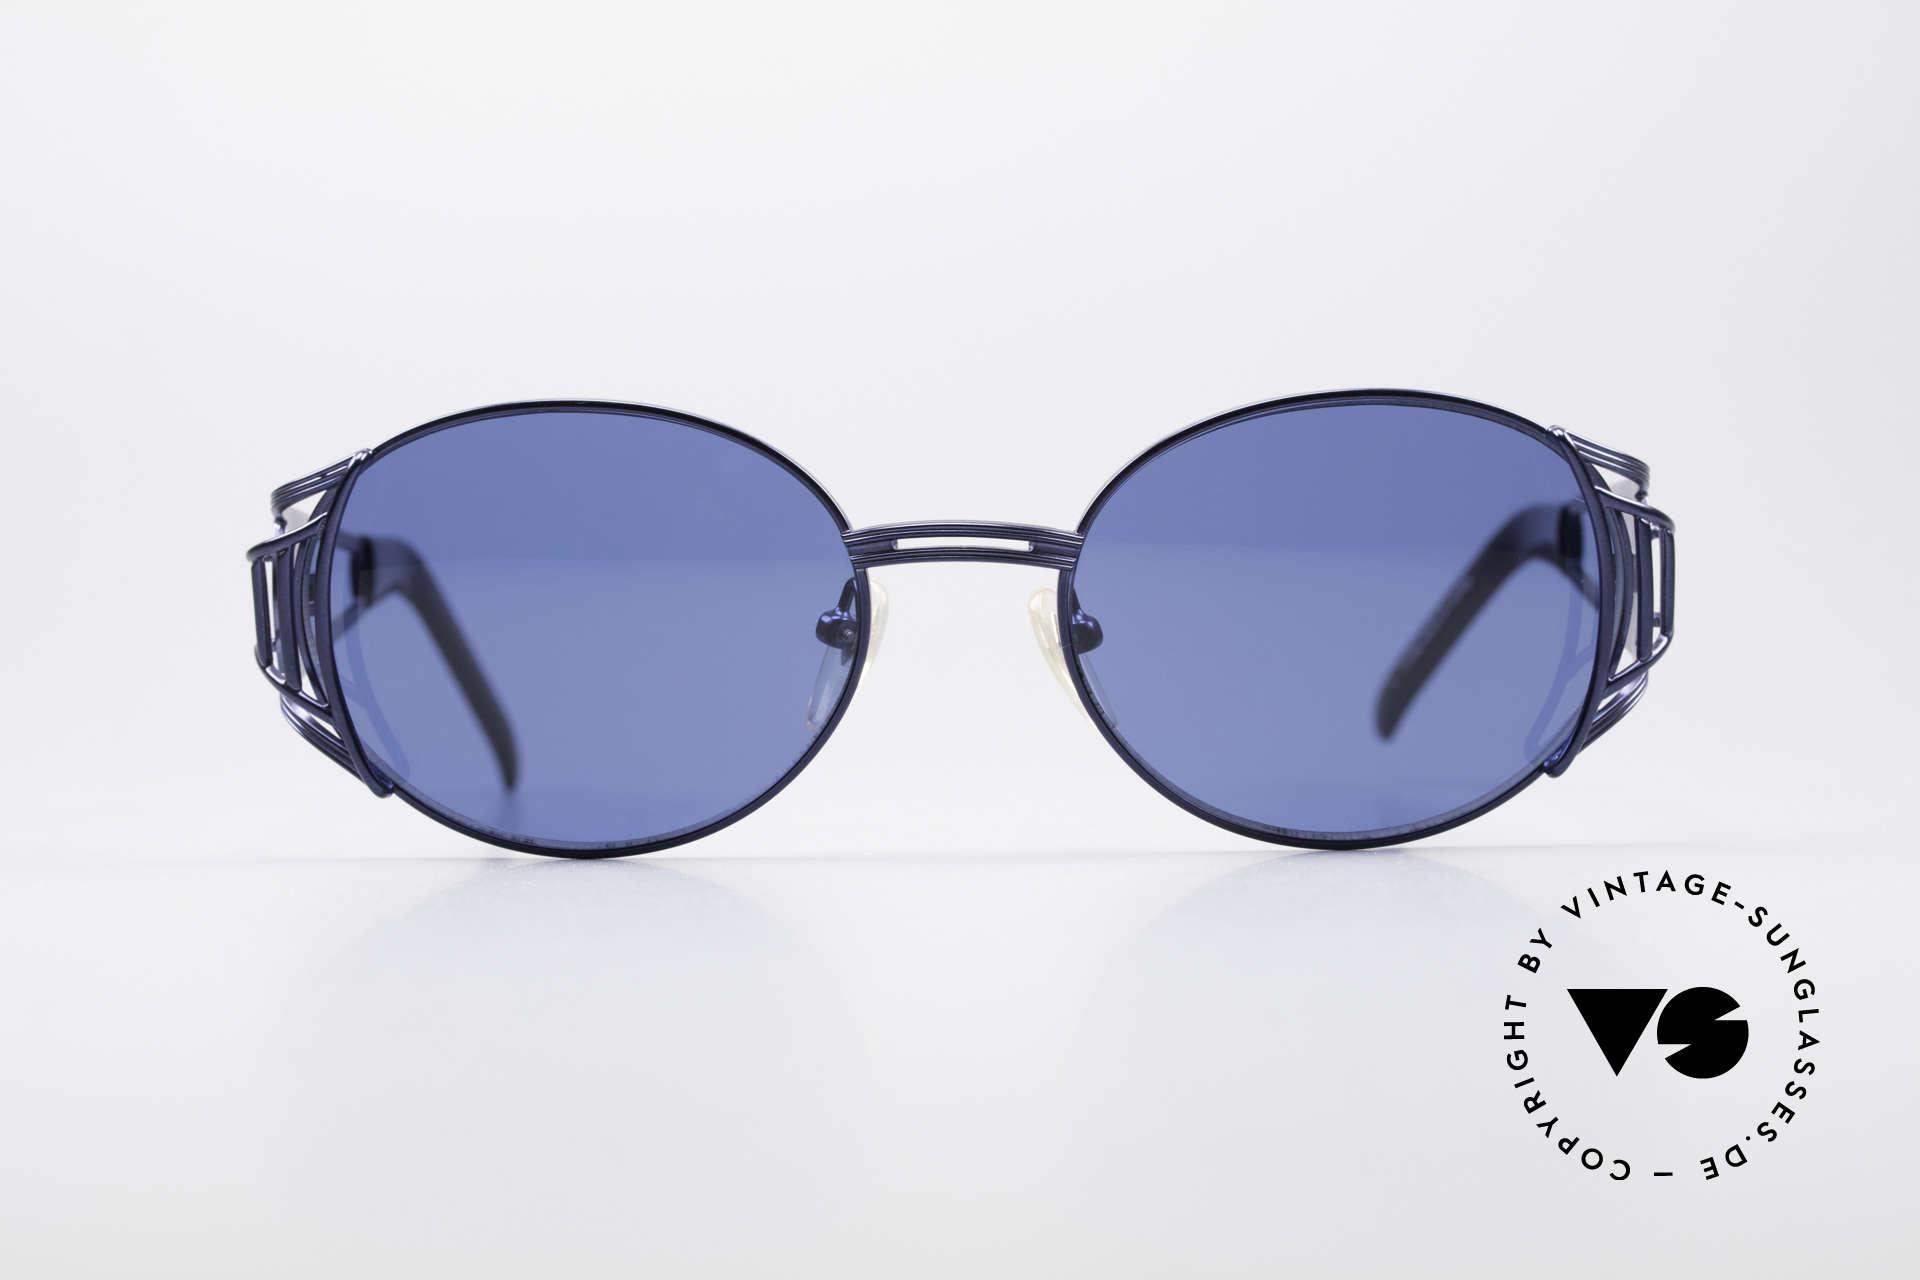 """Jean Paul Gaultier 58-6102 Vintage Steampunk Brille, 90er Designer-Sonnenbrille in """"navy-blue metallic"""", Passend für Herren und Damen"""